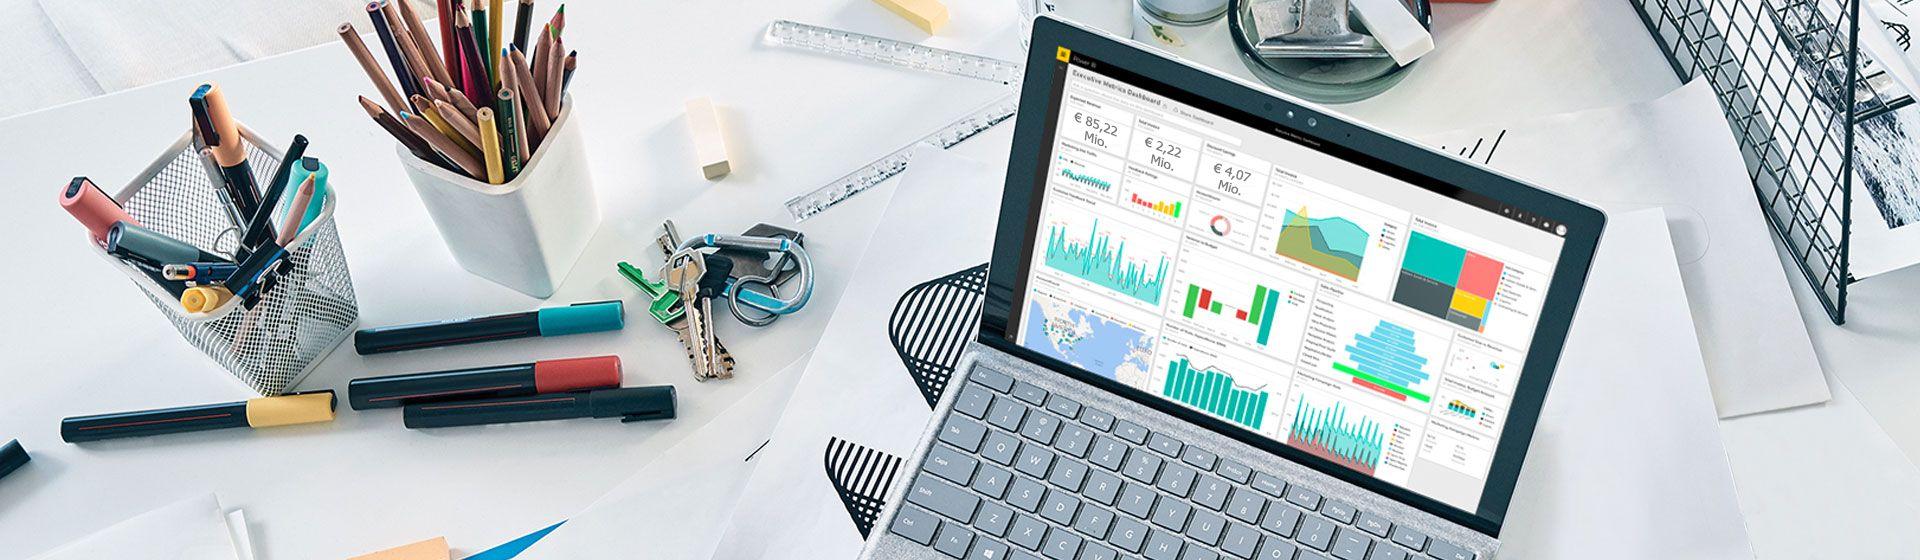 Leerer Schreibtisch mit einem Desktop-Monitor, auf dem Power BI angezeigt wird